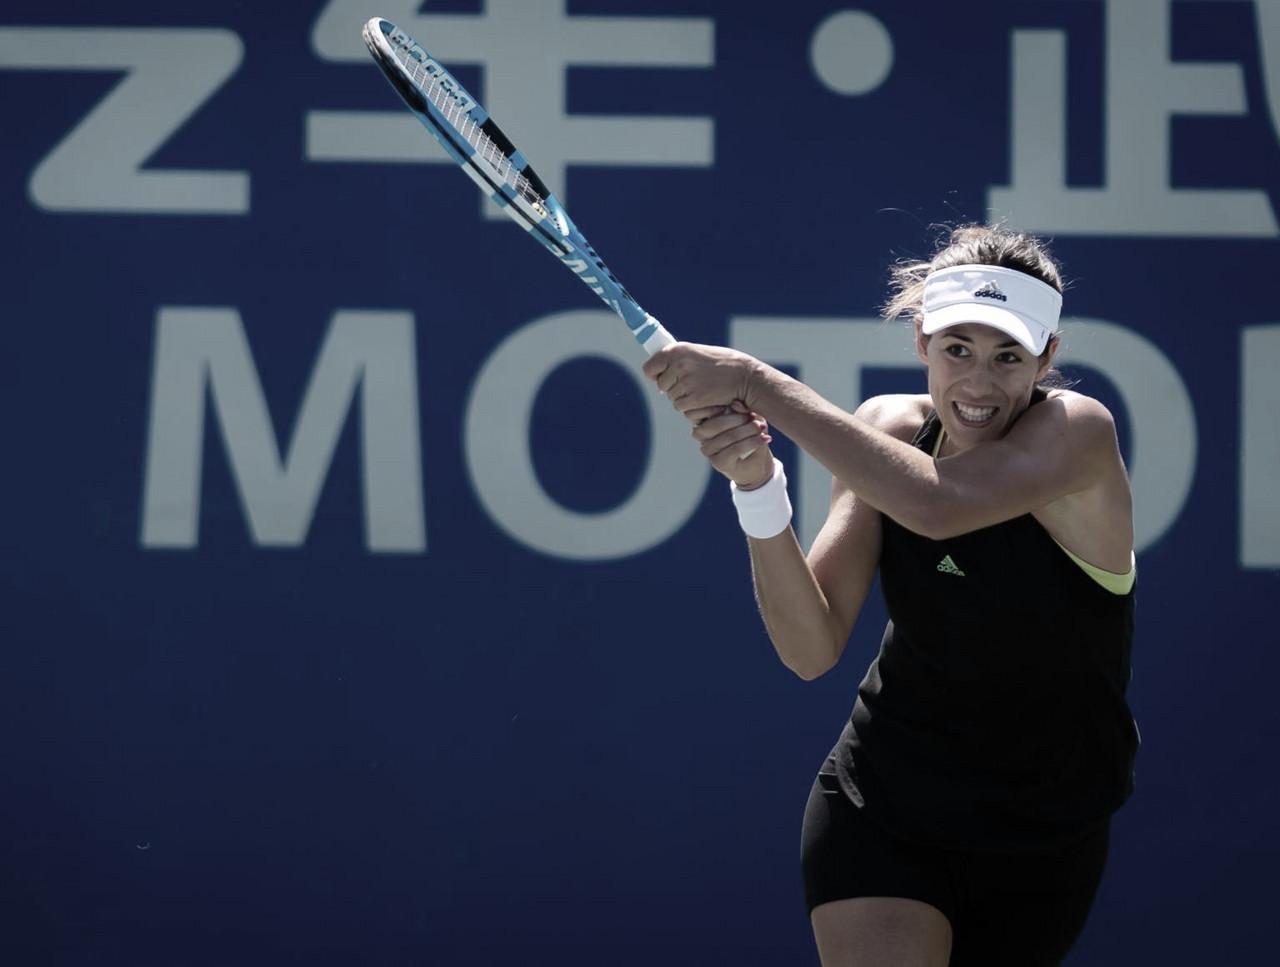 Muguruza bate Peng na estreia, encerra sequência de derrotas e avança no WTA de Wuhan